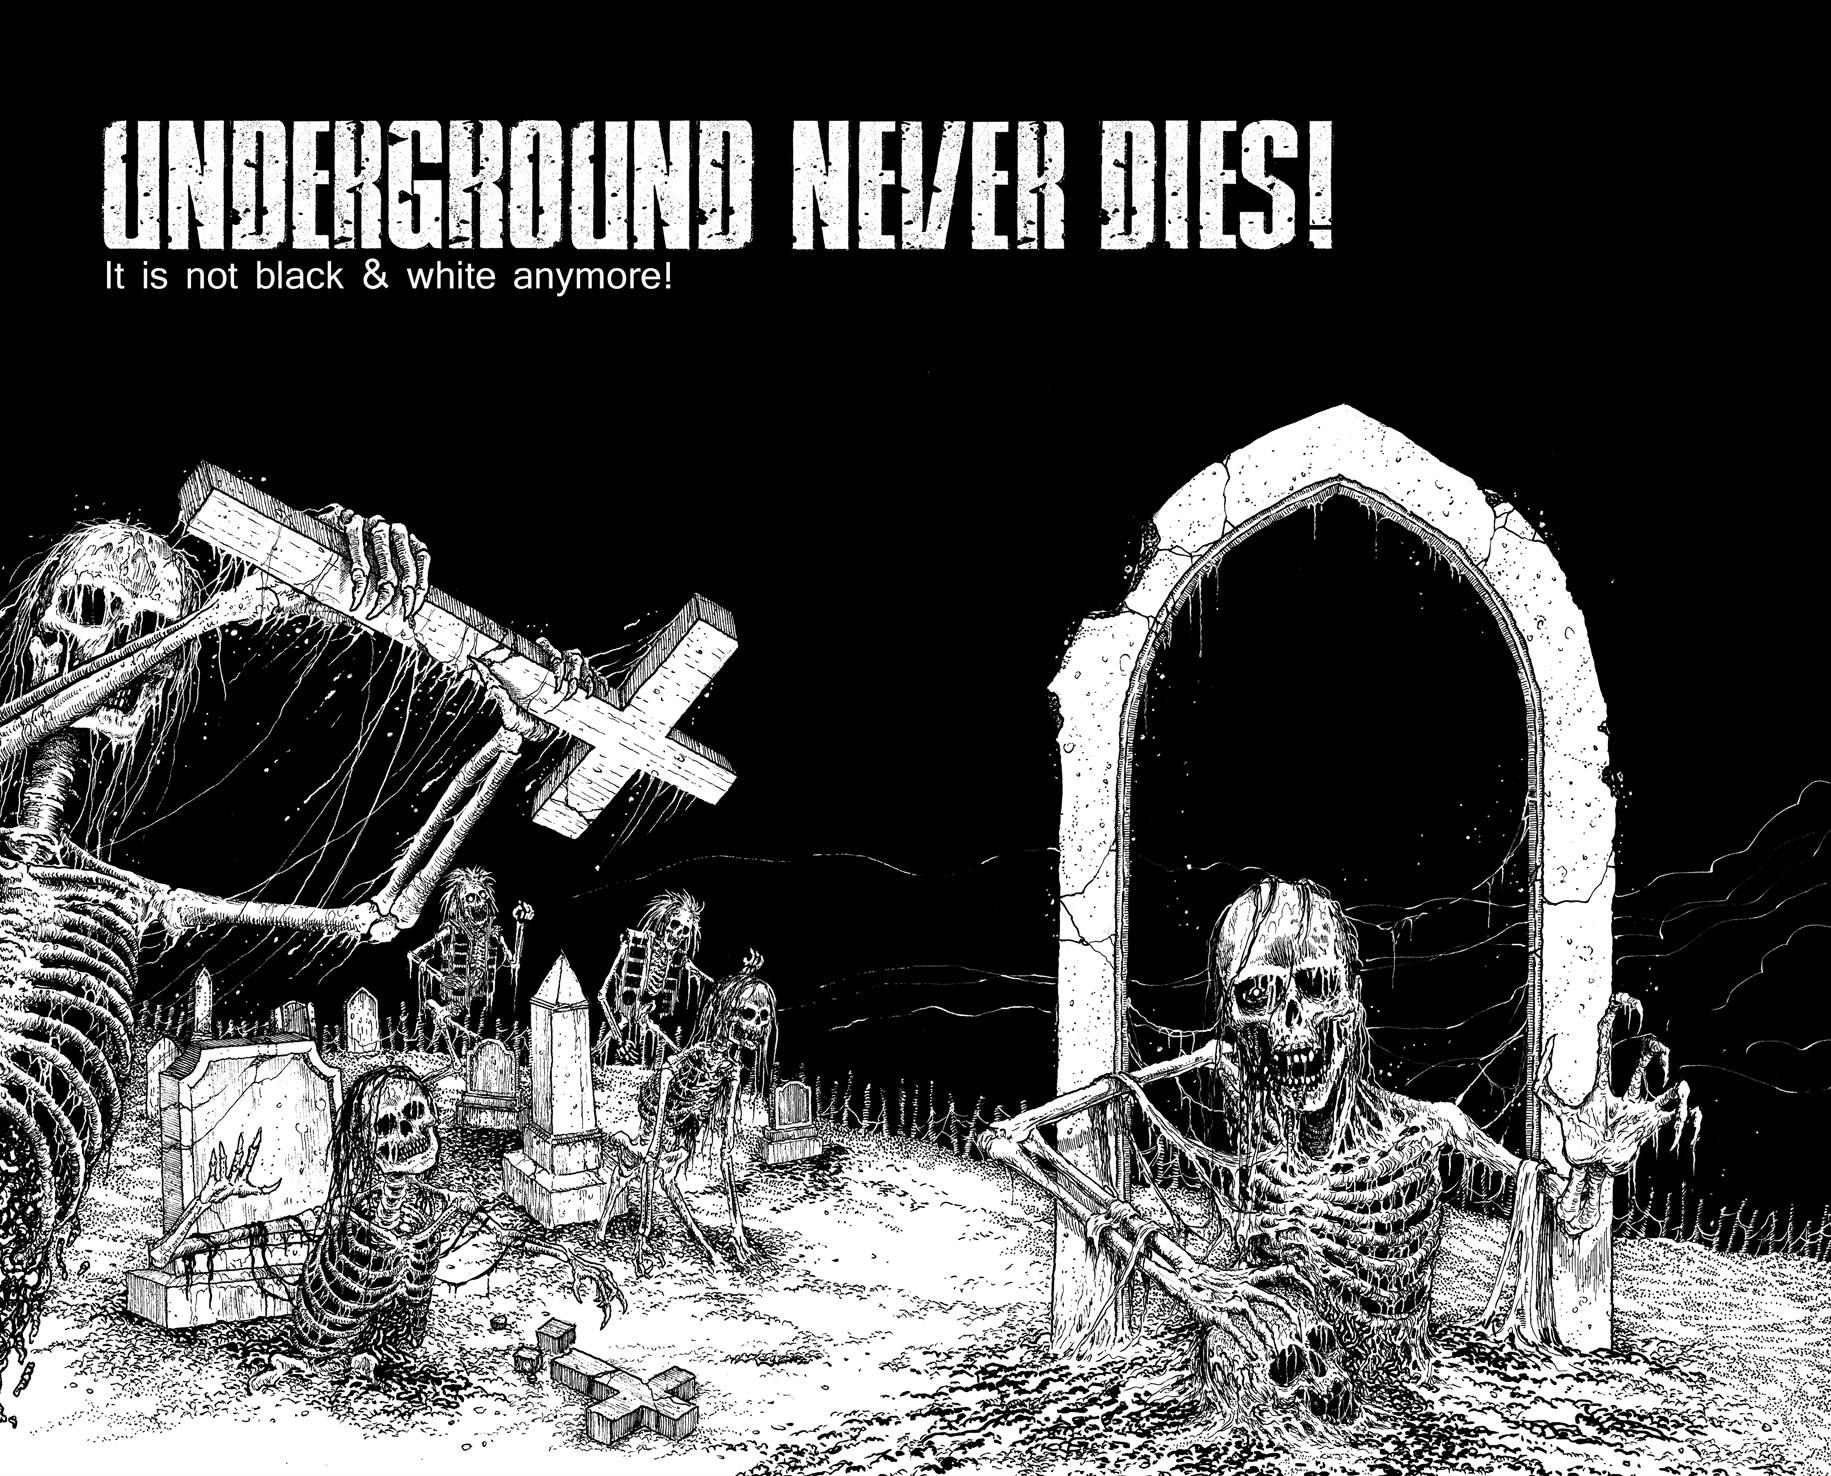 Underground Never Dies!